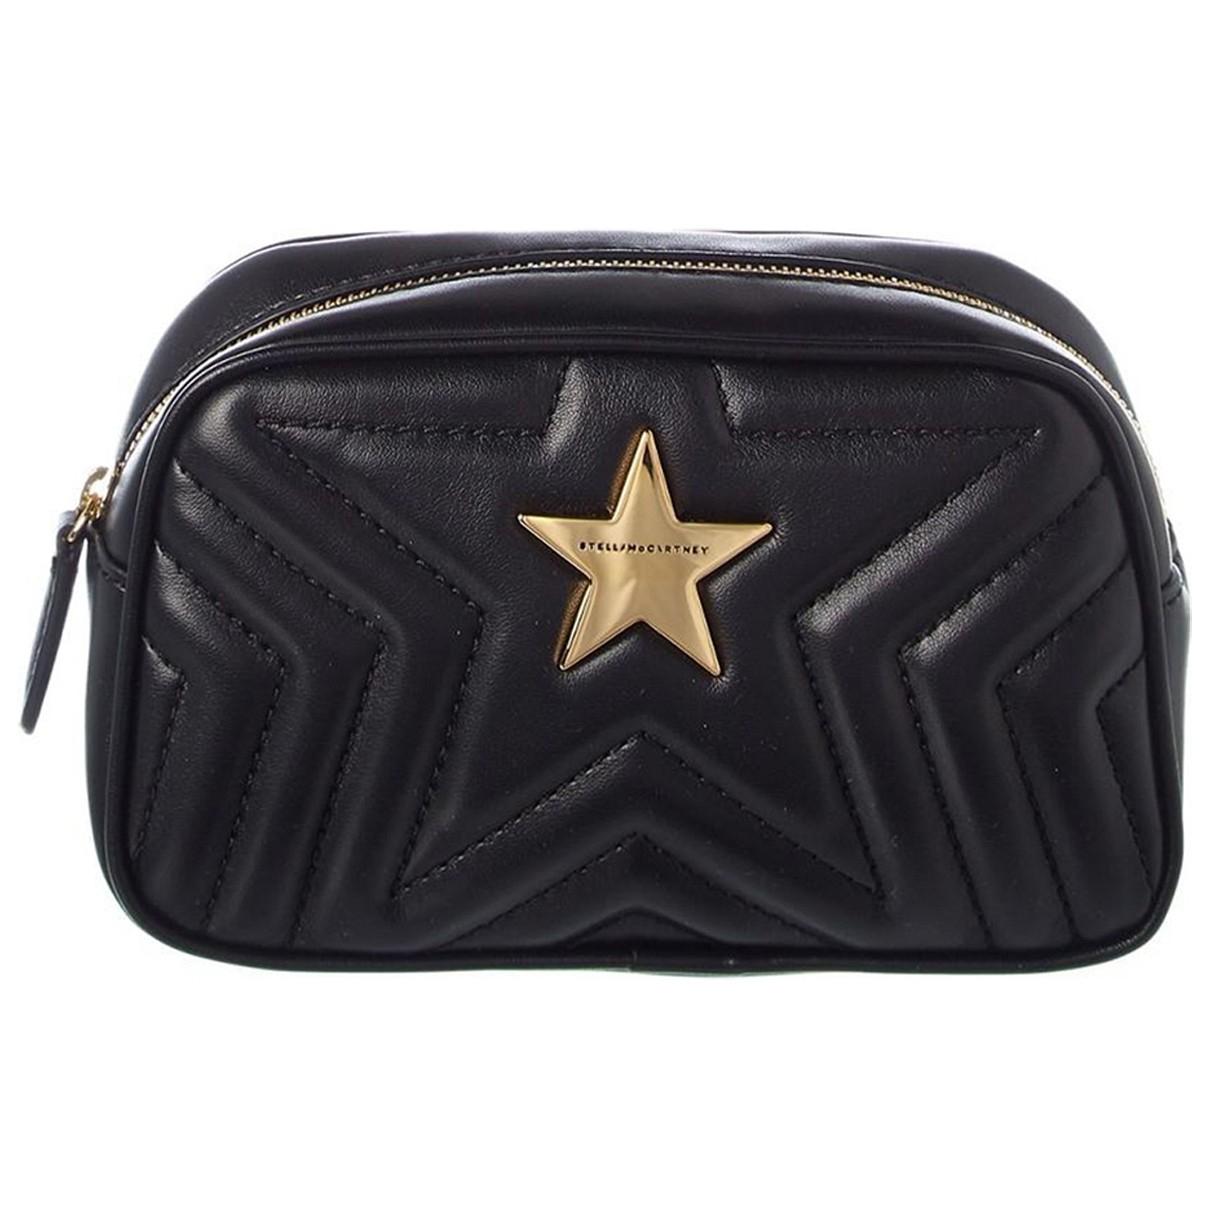 Bolsos clutch Stella Star en Sintetico Negro Stella Mccartney